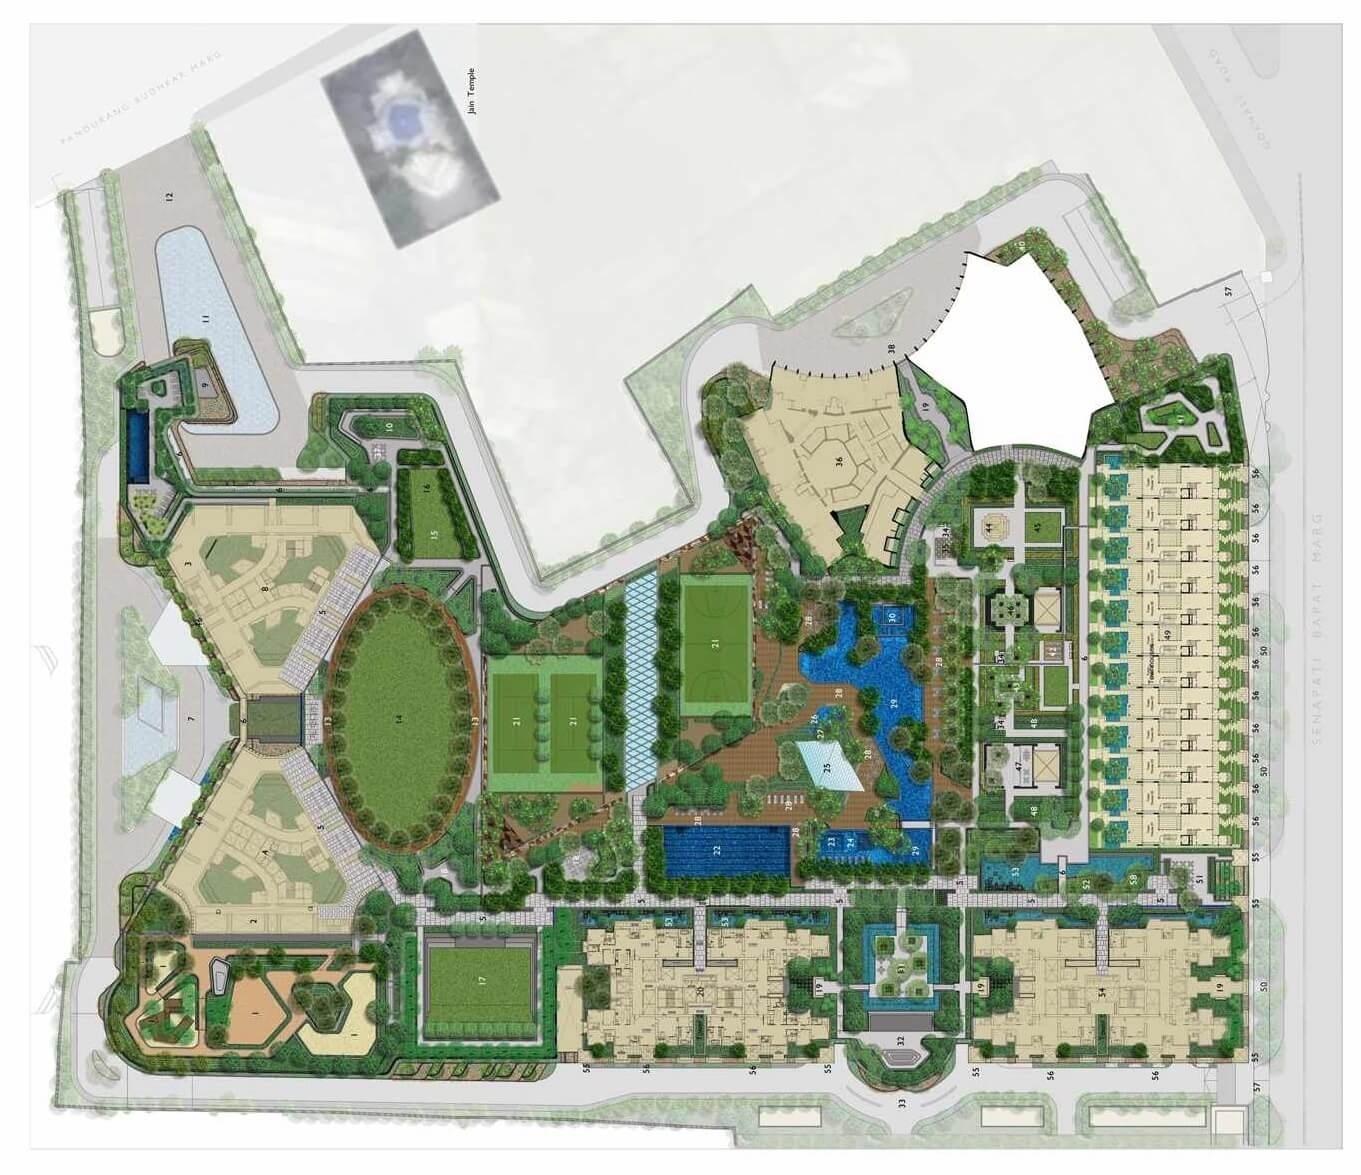 lodha parkside master plan image4